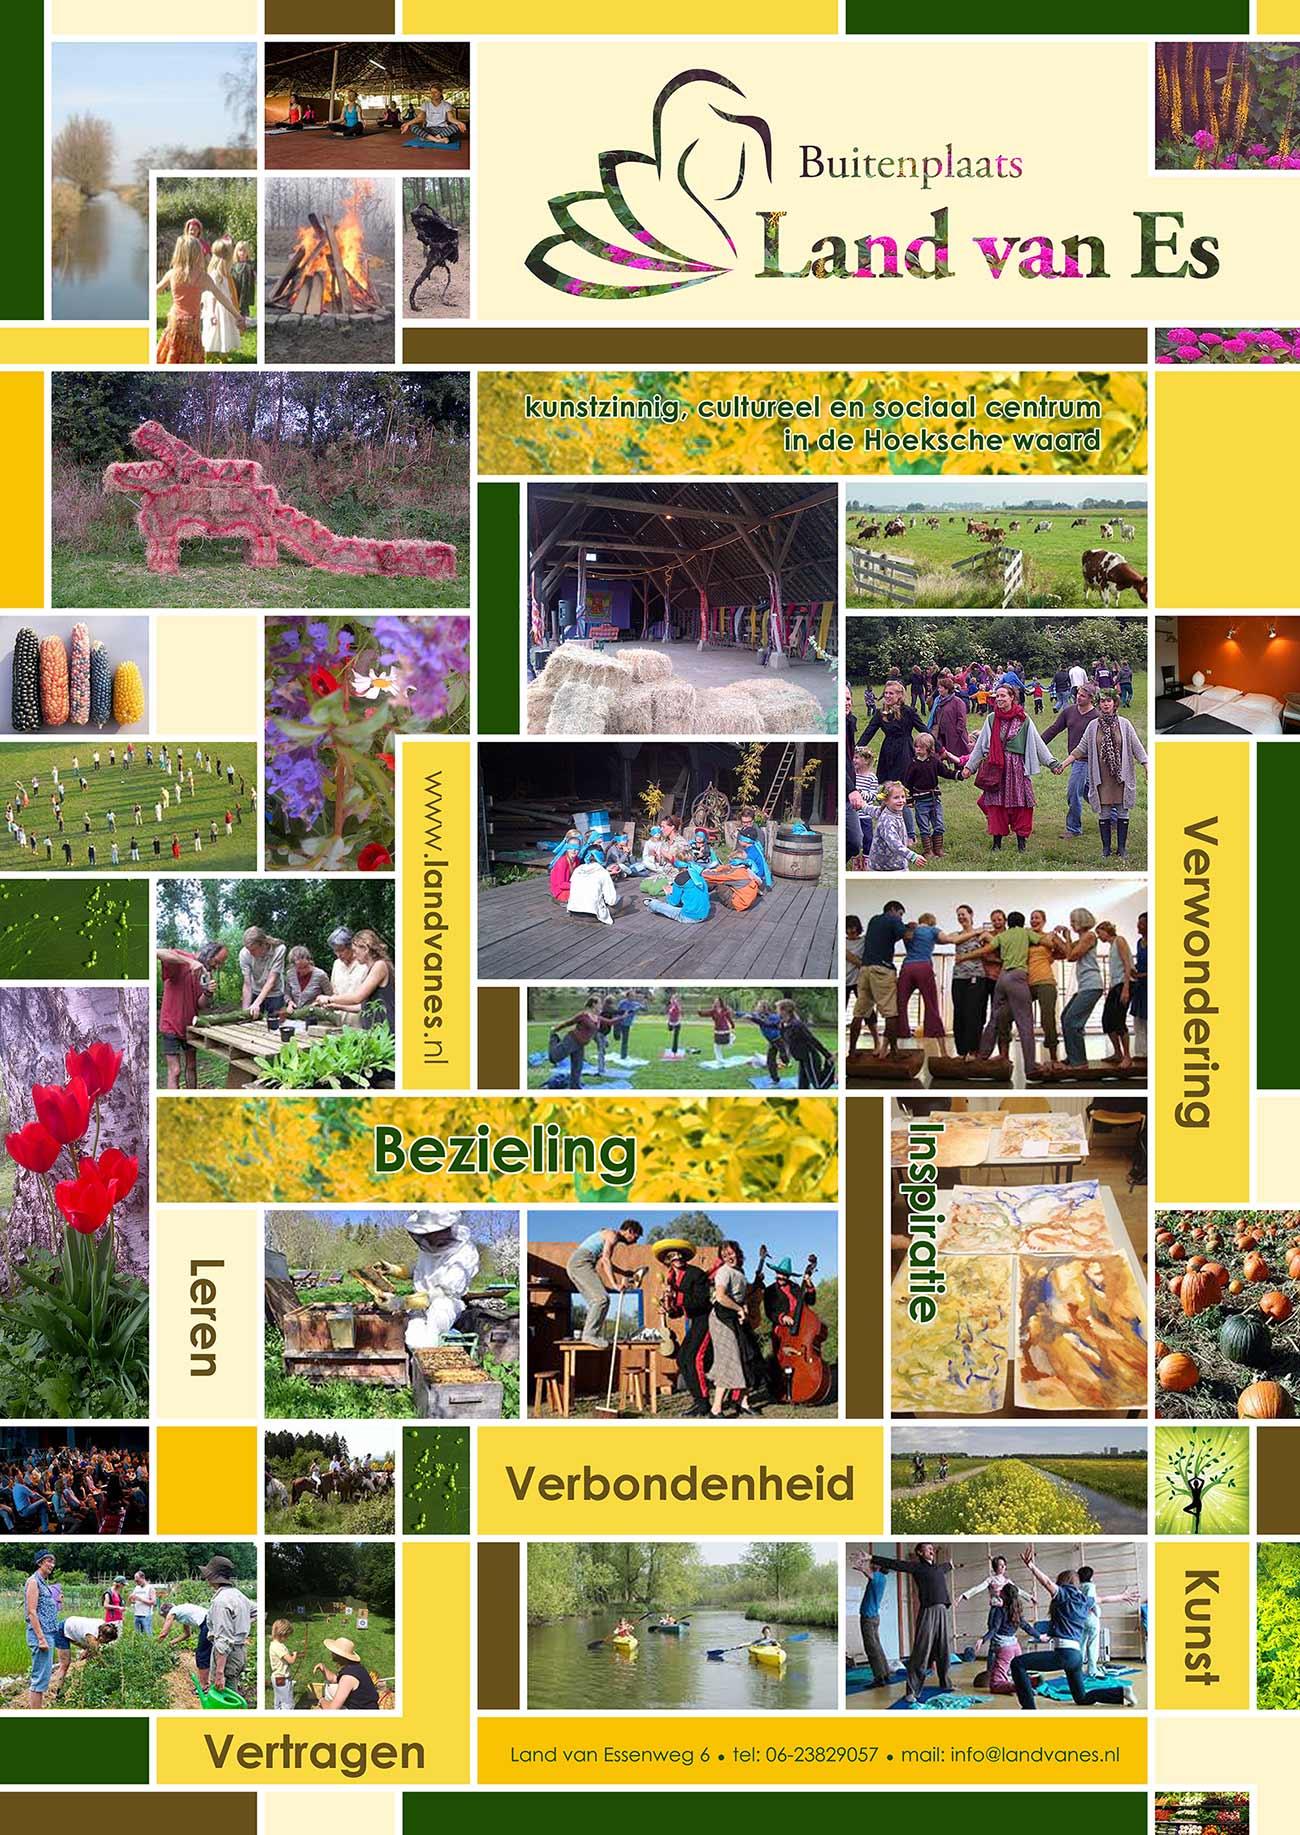 Kernwaarden Land van Es, bezieling, verbondenheid, verwondering, leren vertragen d.m.v. een collage in beeld gebracht